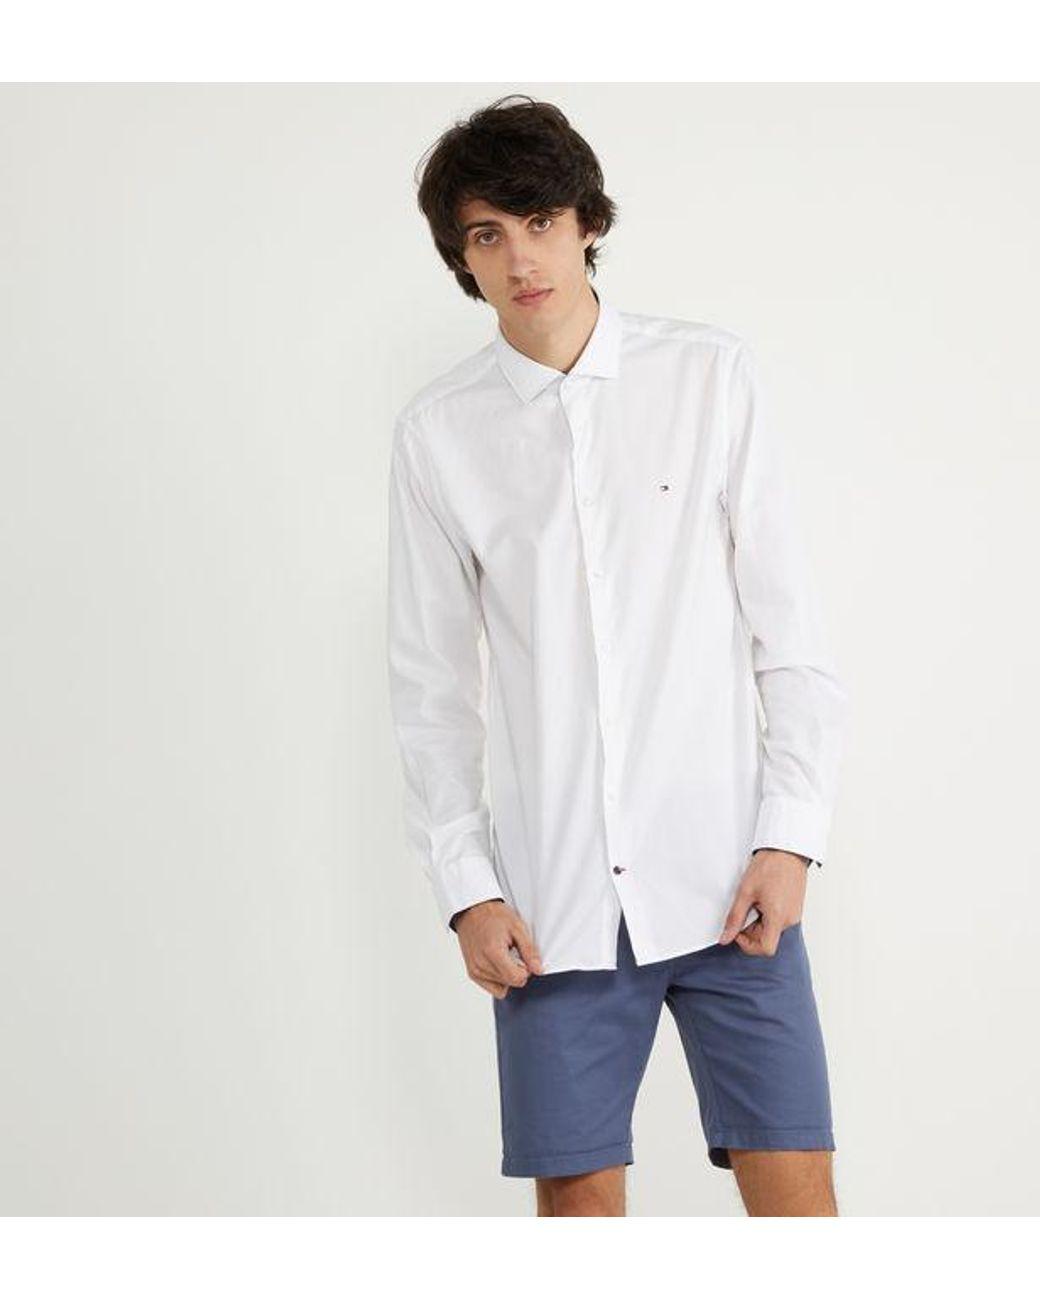 Chemise slim en coton uni homme de coloris blanc